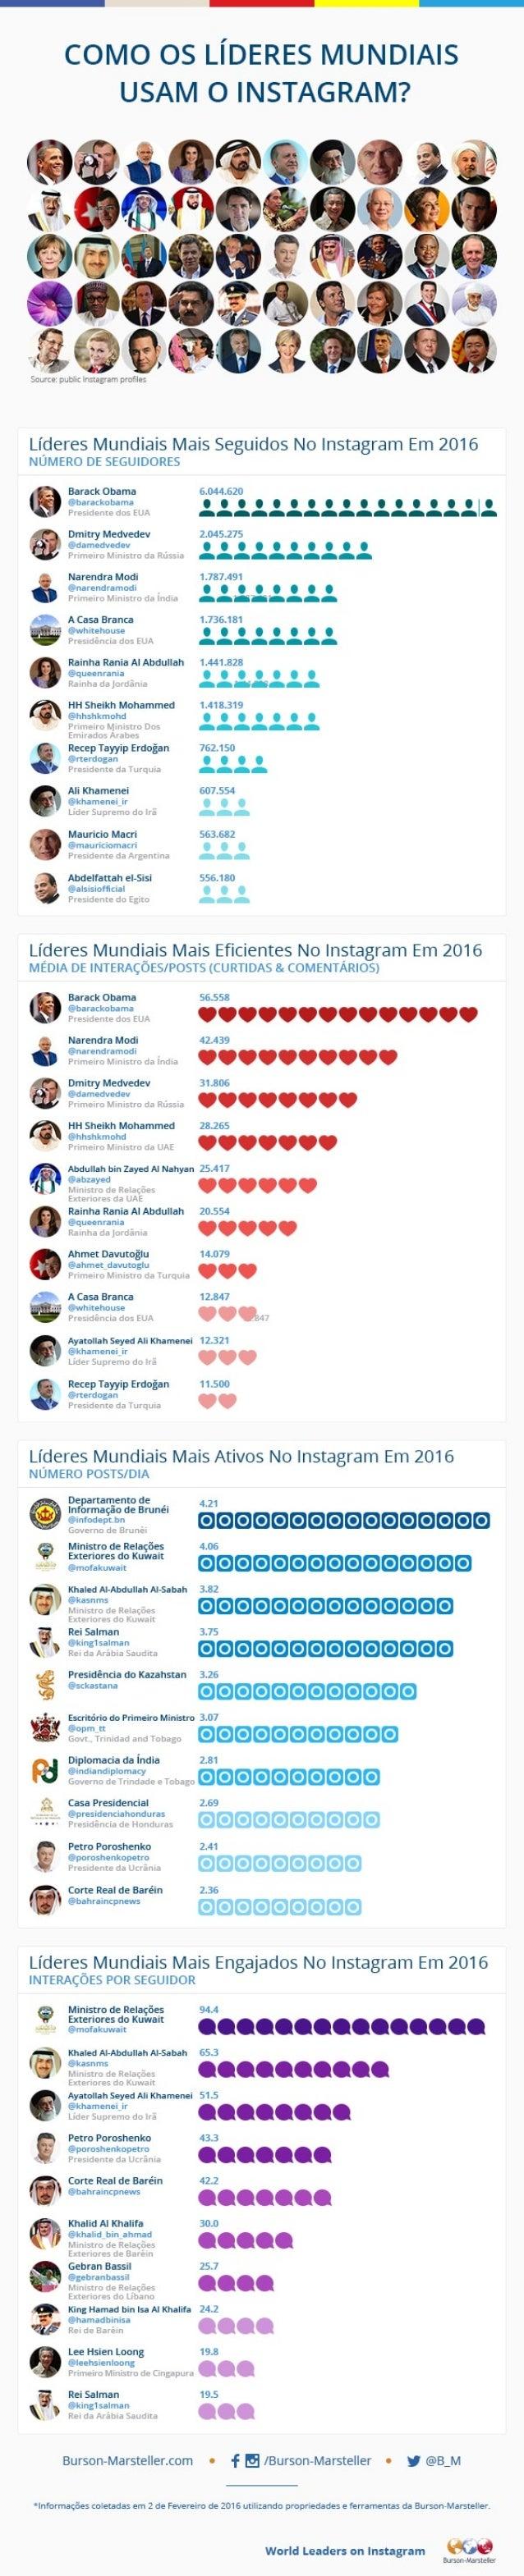 Líderes Mundiais no Instagram